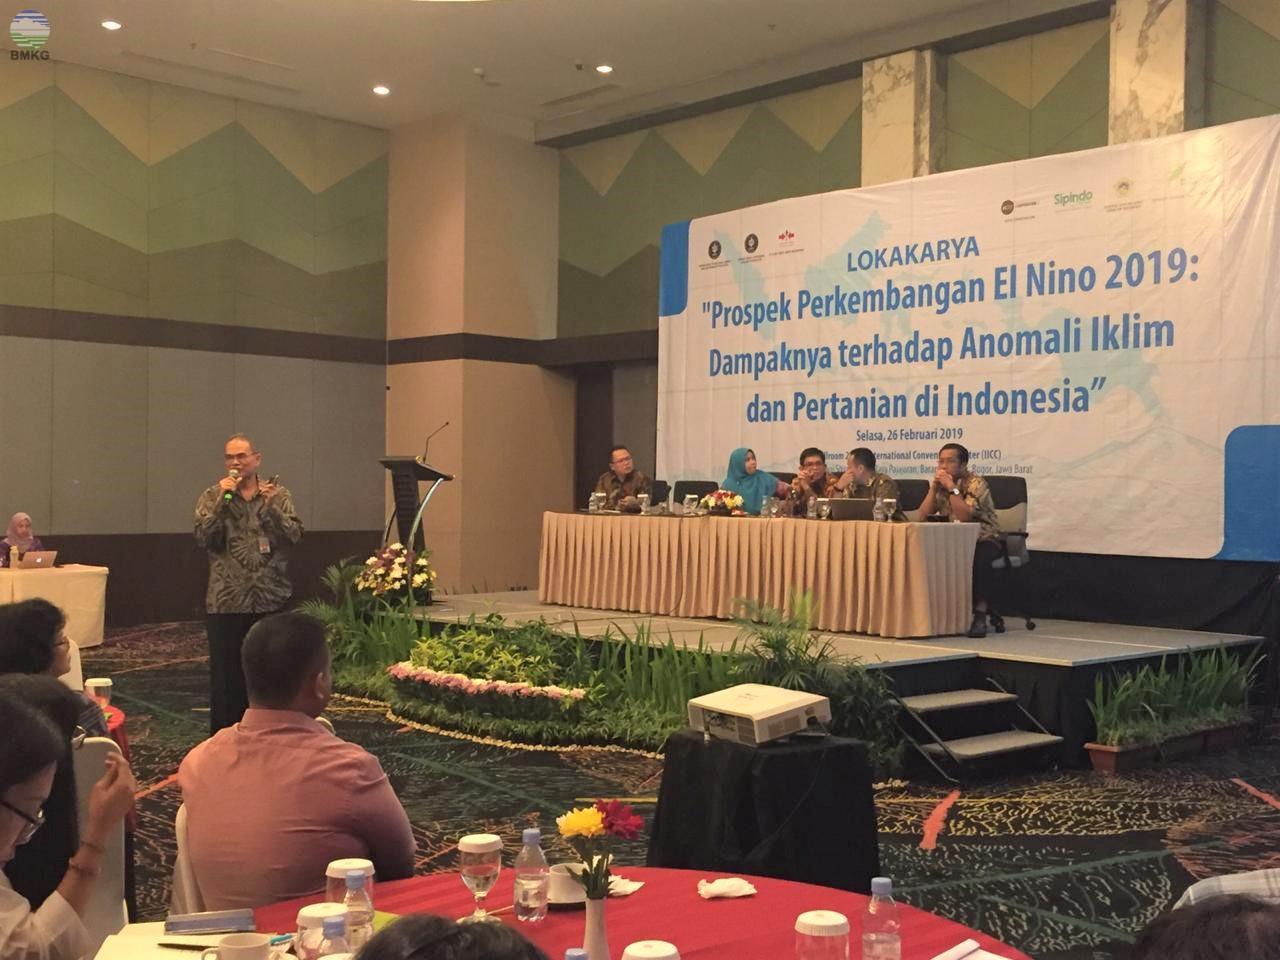 Lokakarya Prospek Perkembangan El Nino 2019: Dampaknya Terhadap Anomali Iklim dan Pertanian di Indonesia